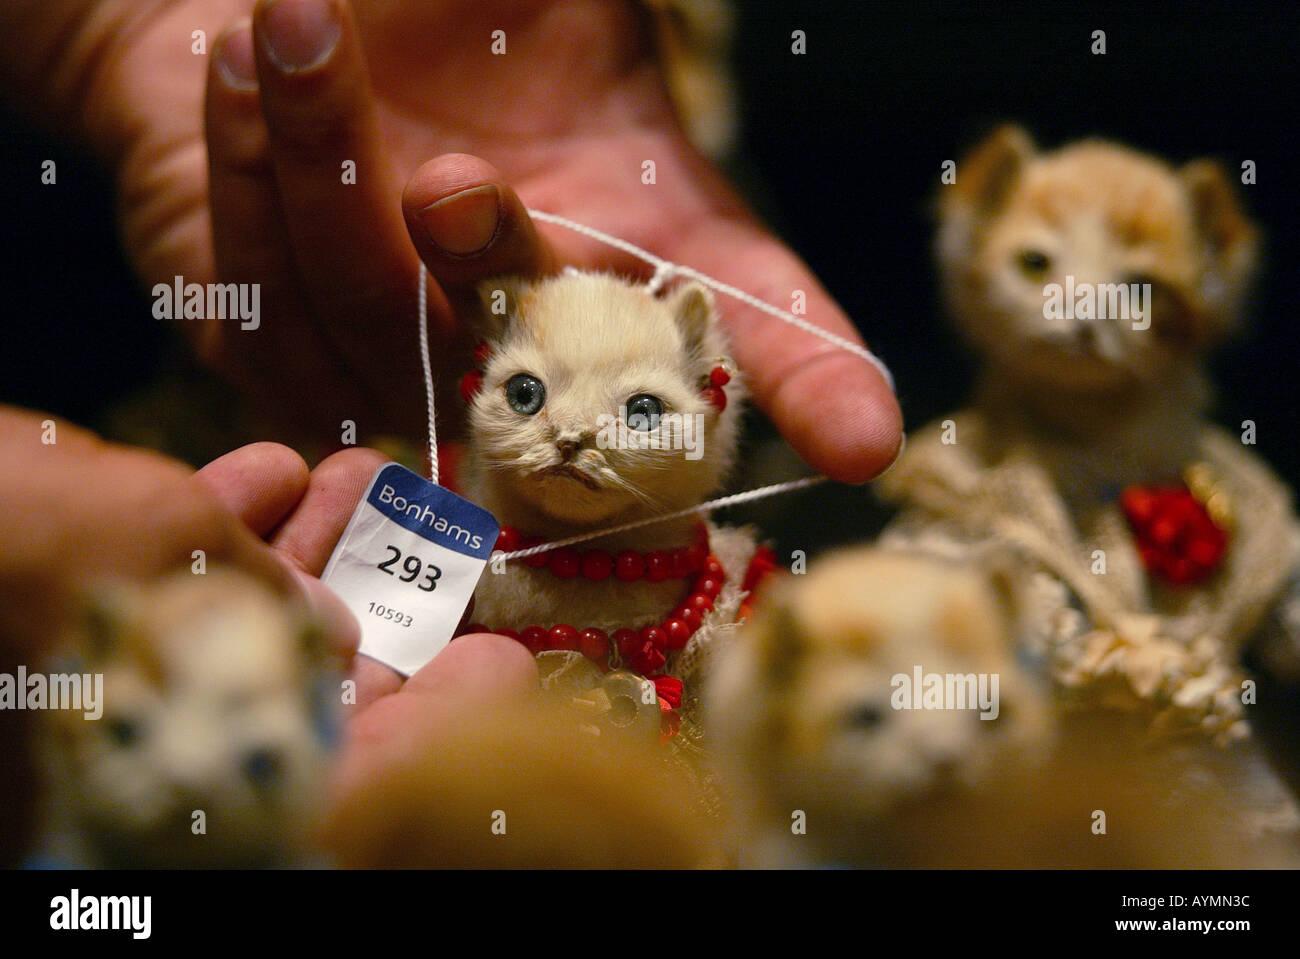 Un numero di lotto è posto su un membro della congregazione che frequentano i gattini' Wedding di Victorian imbalsamatore Walter Potter. Immagini Stock